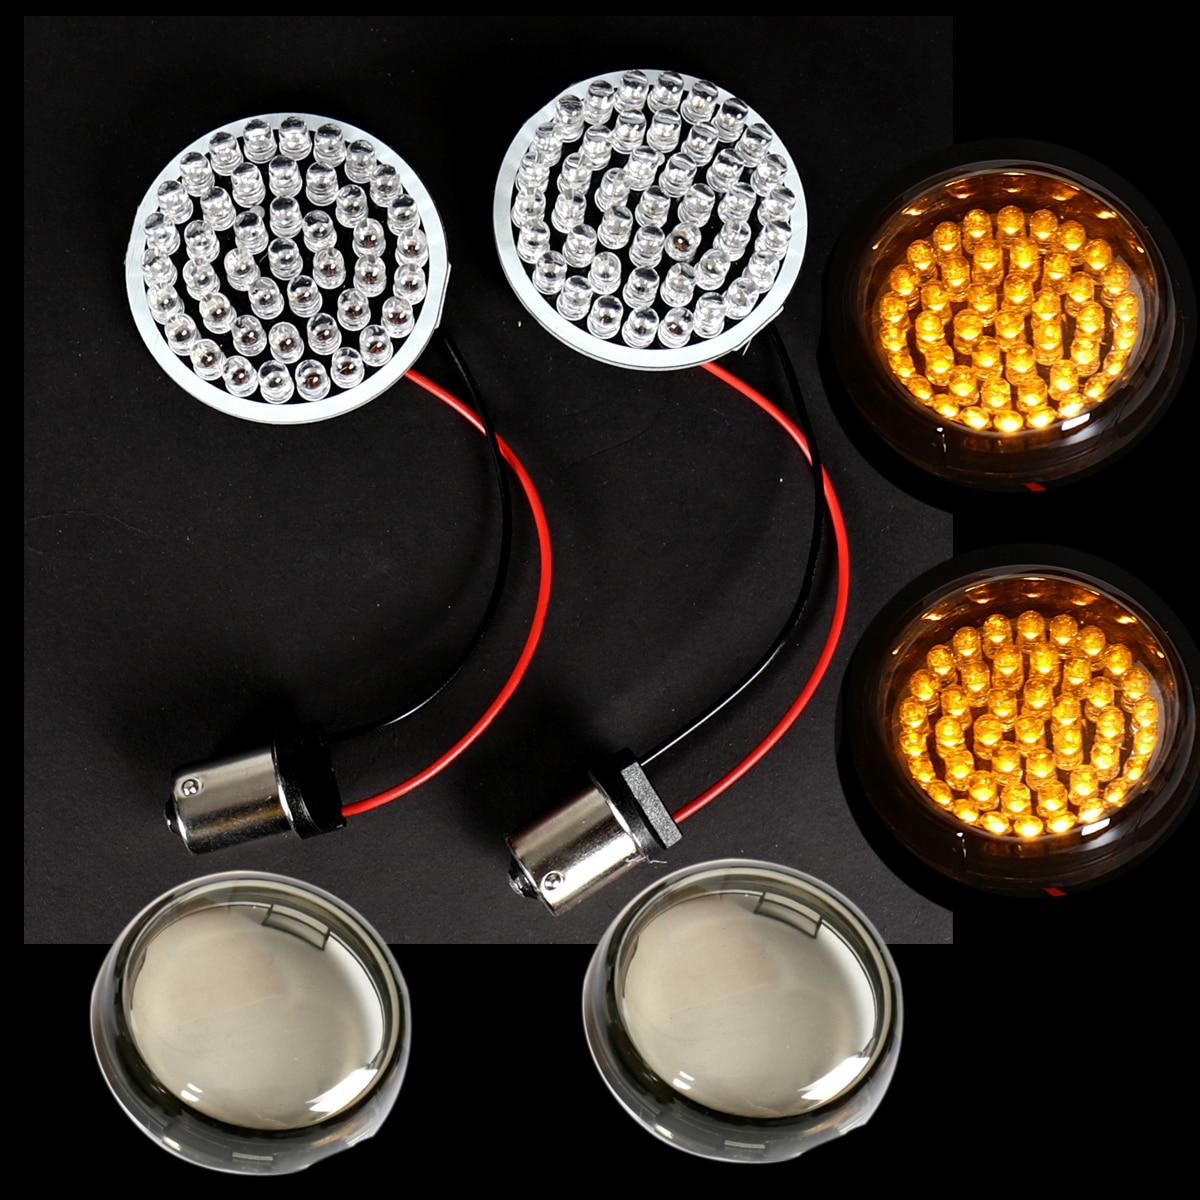 2/'/'Bullet Amber LED Turn Signal Light Inserts 1156 for Harley Sportster 883 1200